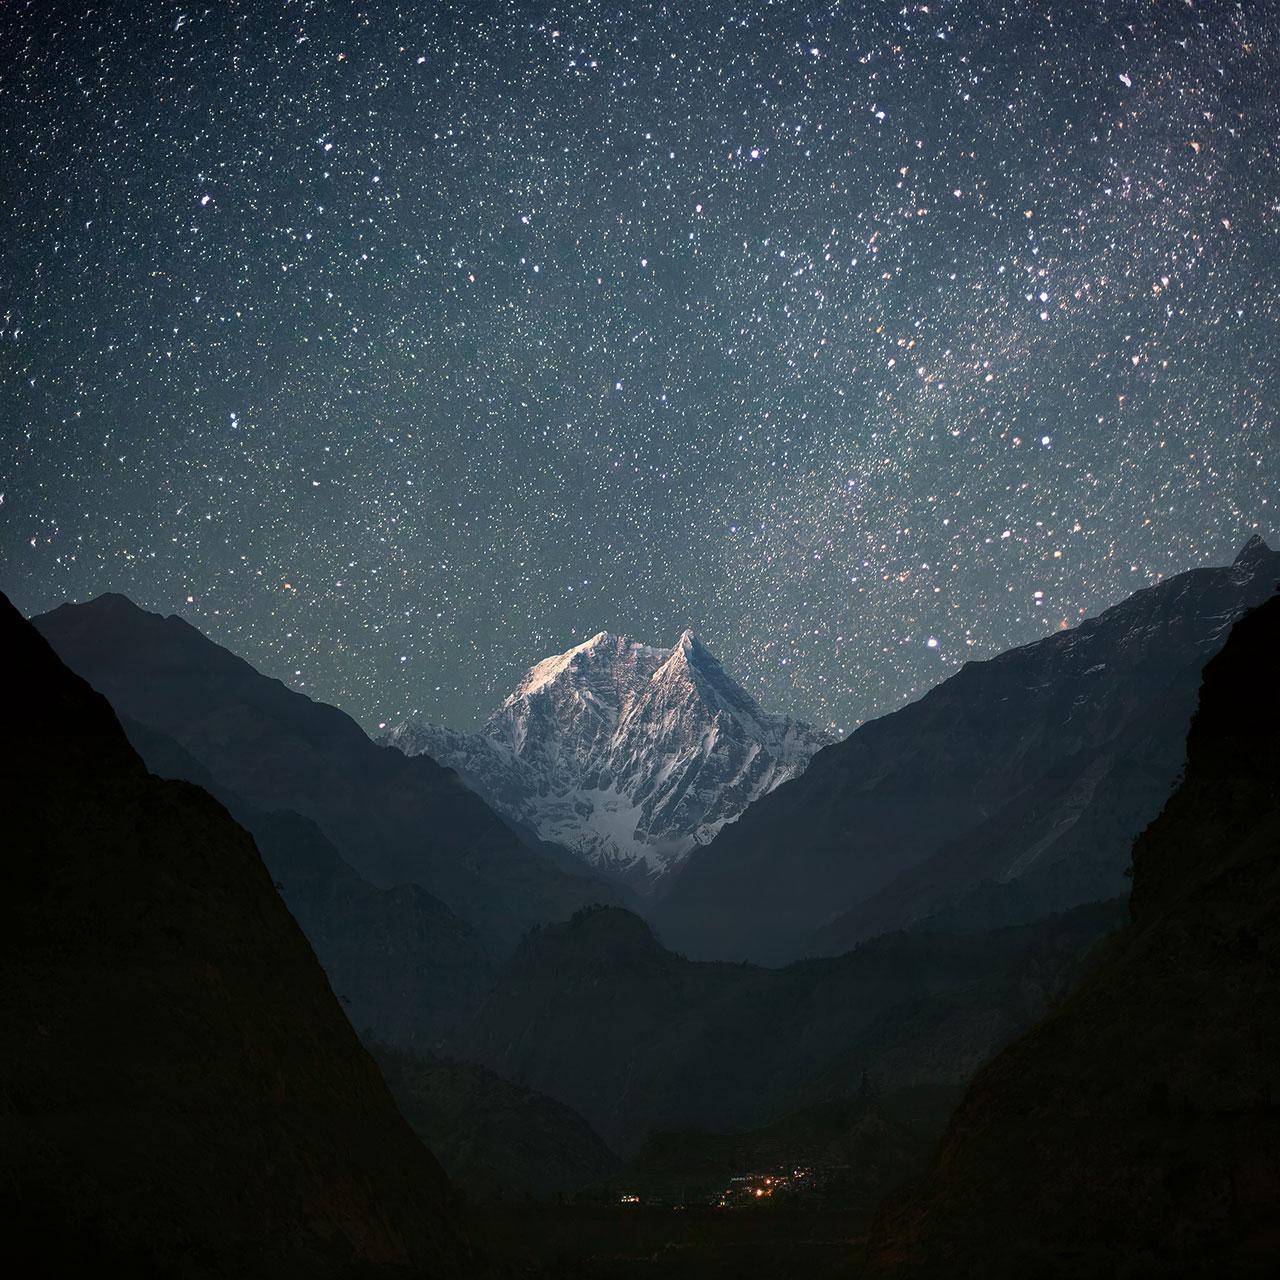 김창호는 진정한 산악인이었다. 묵묵히 정상을 향하던 별이 졌다.